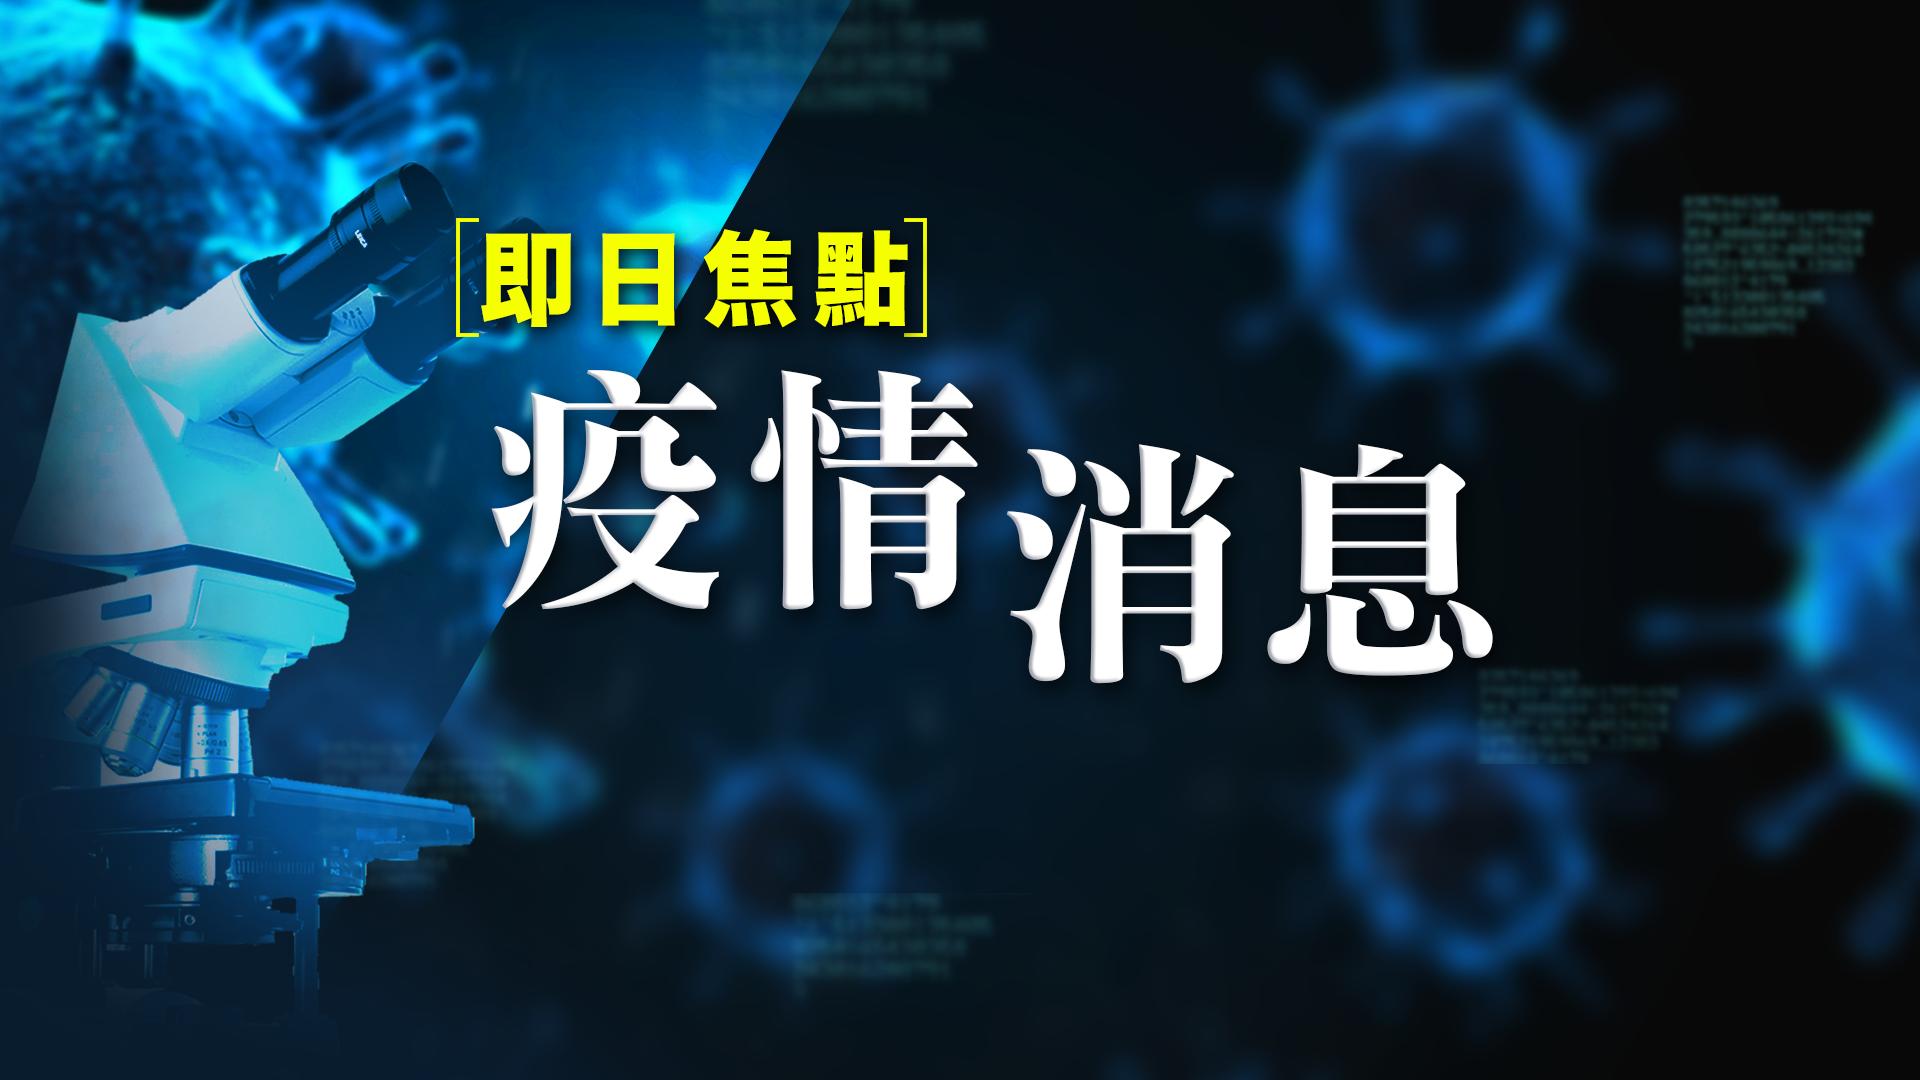 【即日焦點·疫情消息】林鄭:全面封關禁止旅客內地入境實際上不可行;日本上調中國包括港澳傳染病危險提醒級別